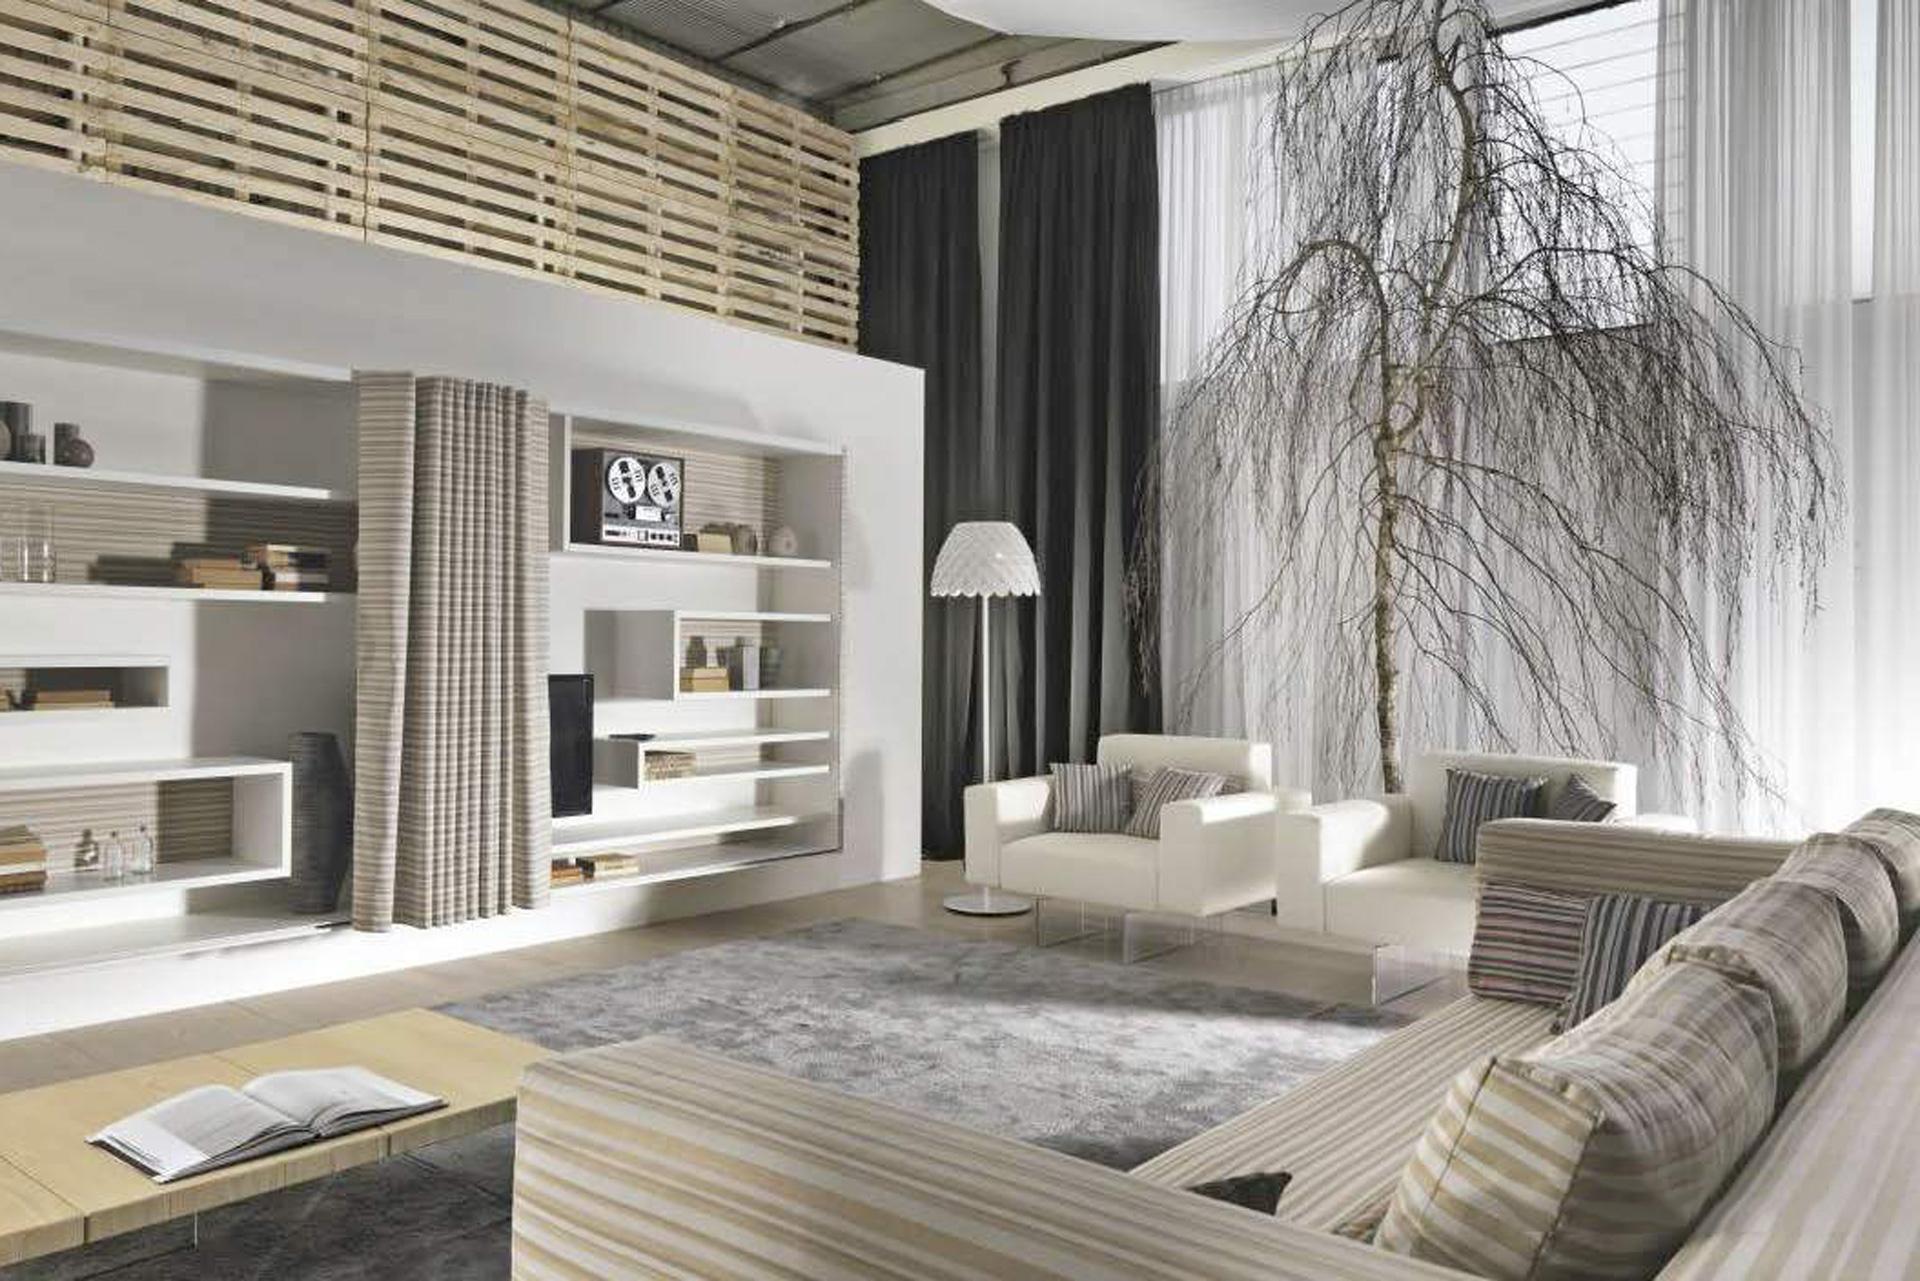 Arredare casa arredo moderno arredo su misura for Soluzioni interni casa